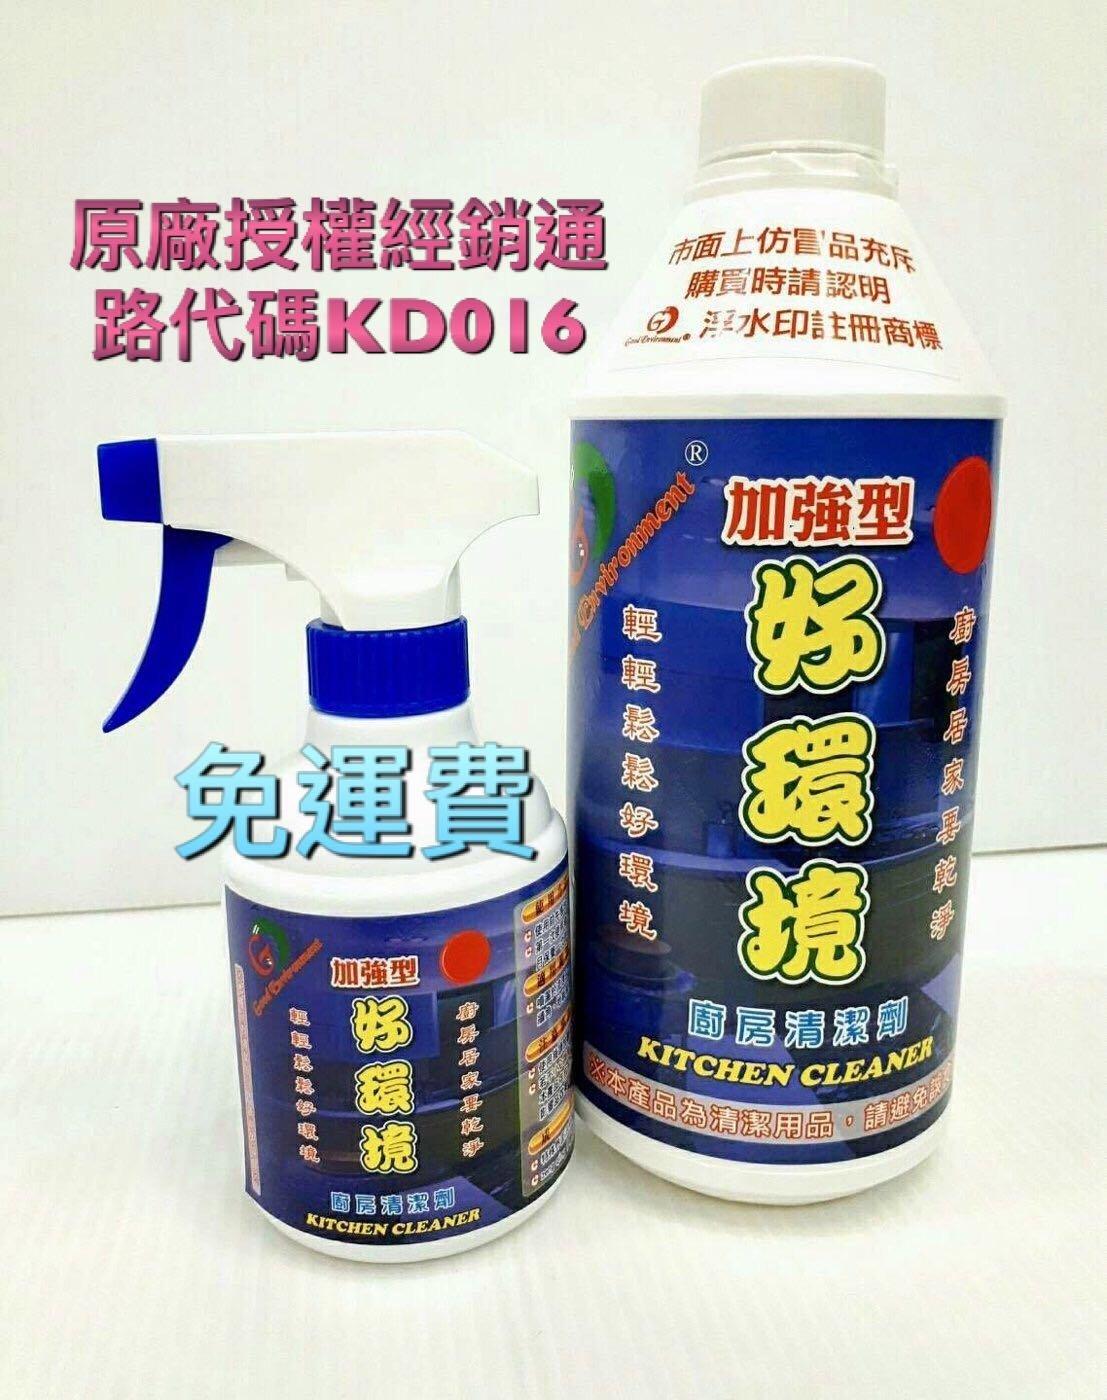 免 !好環境廚房清潔劑。本產品通過SGS測試合格,1000ml*3罐(噴灑空罐*3)